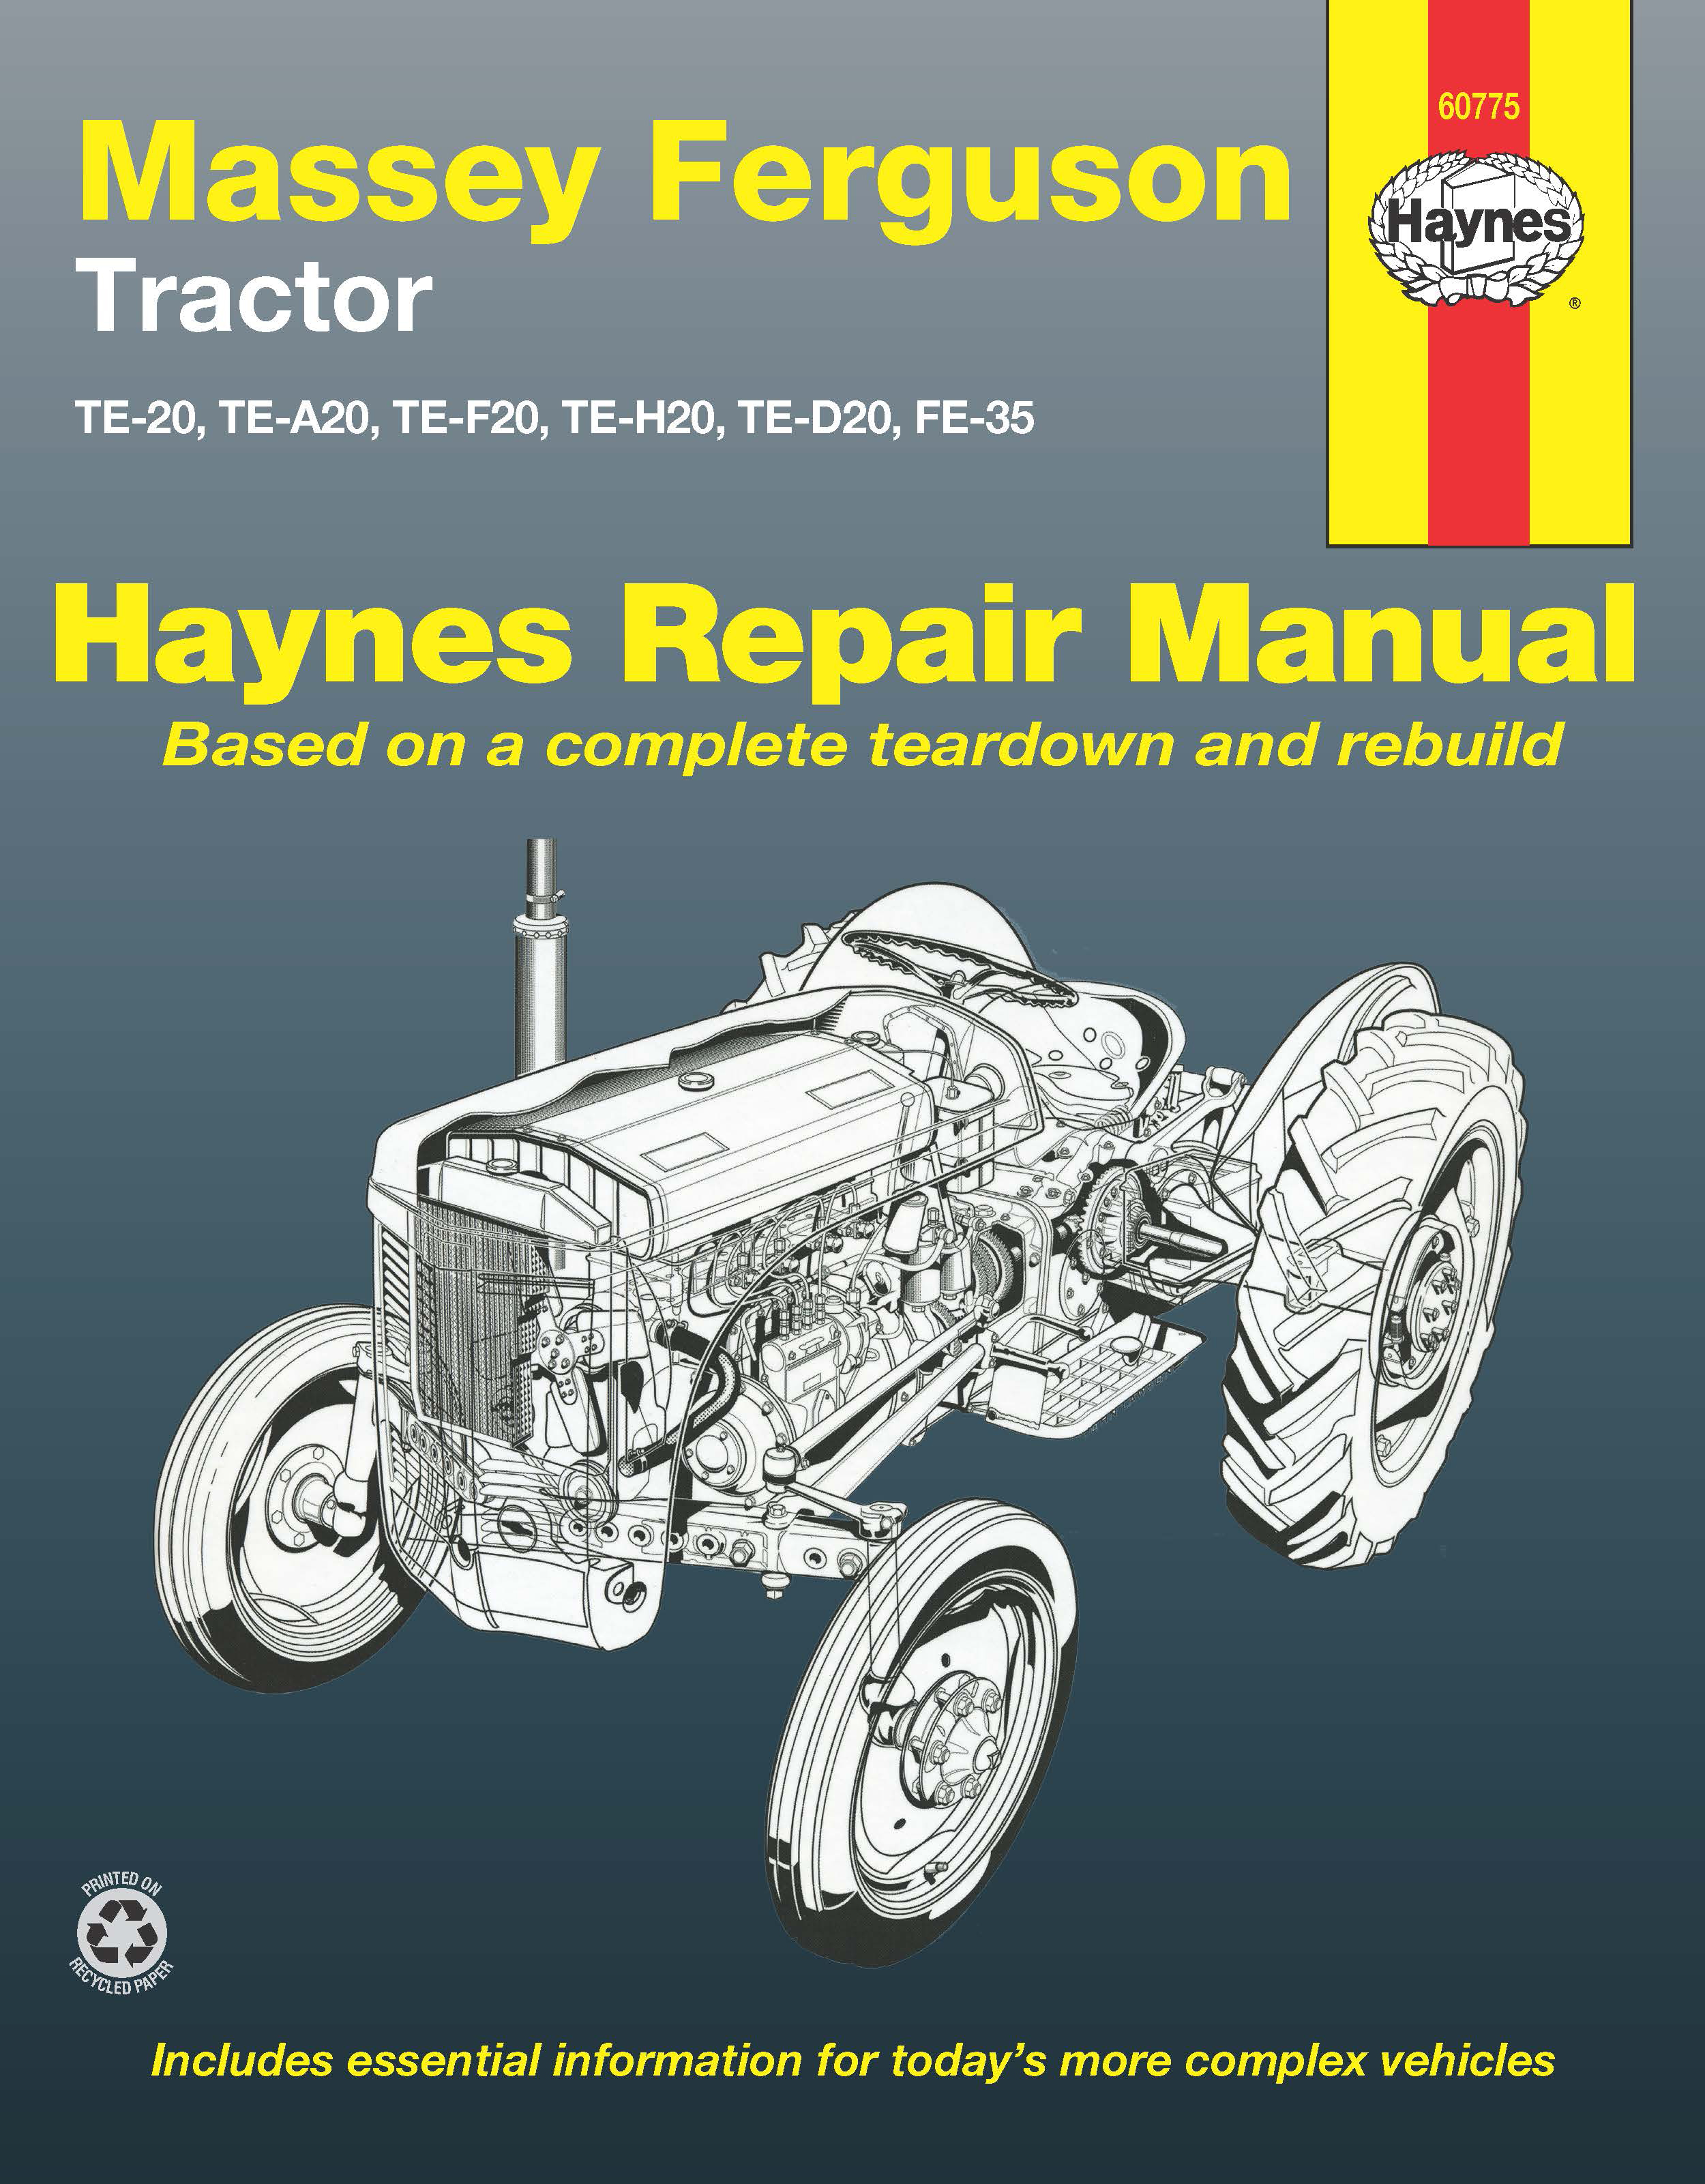 Massey Ferguson TE20 (1946 - 1956) Repair Manuals